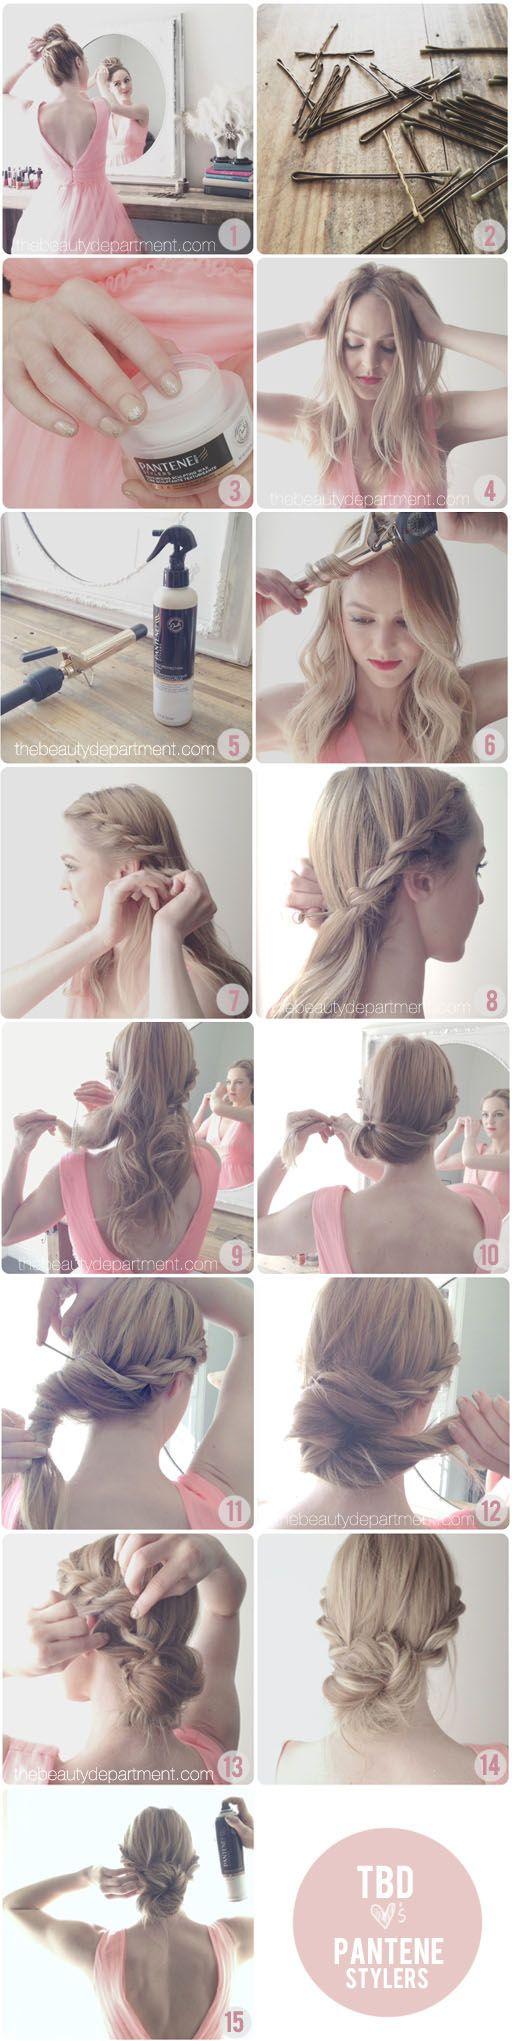 Top 10 cách búi tóc đẹp đơn giản bạn nên thử NGAY 13